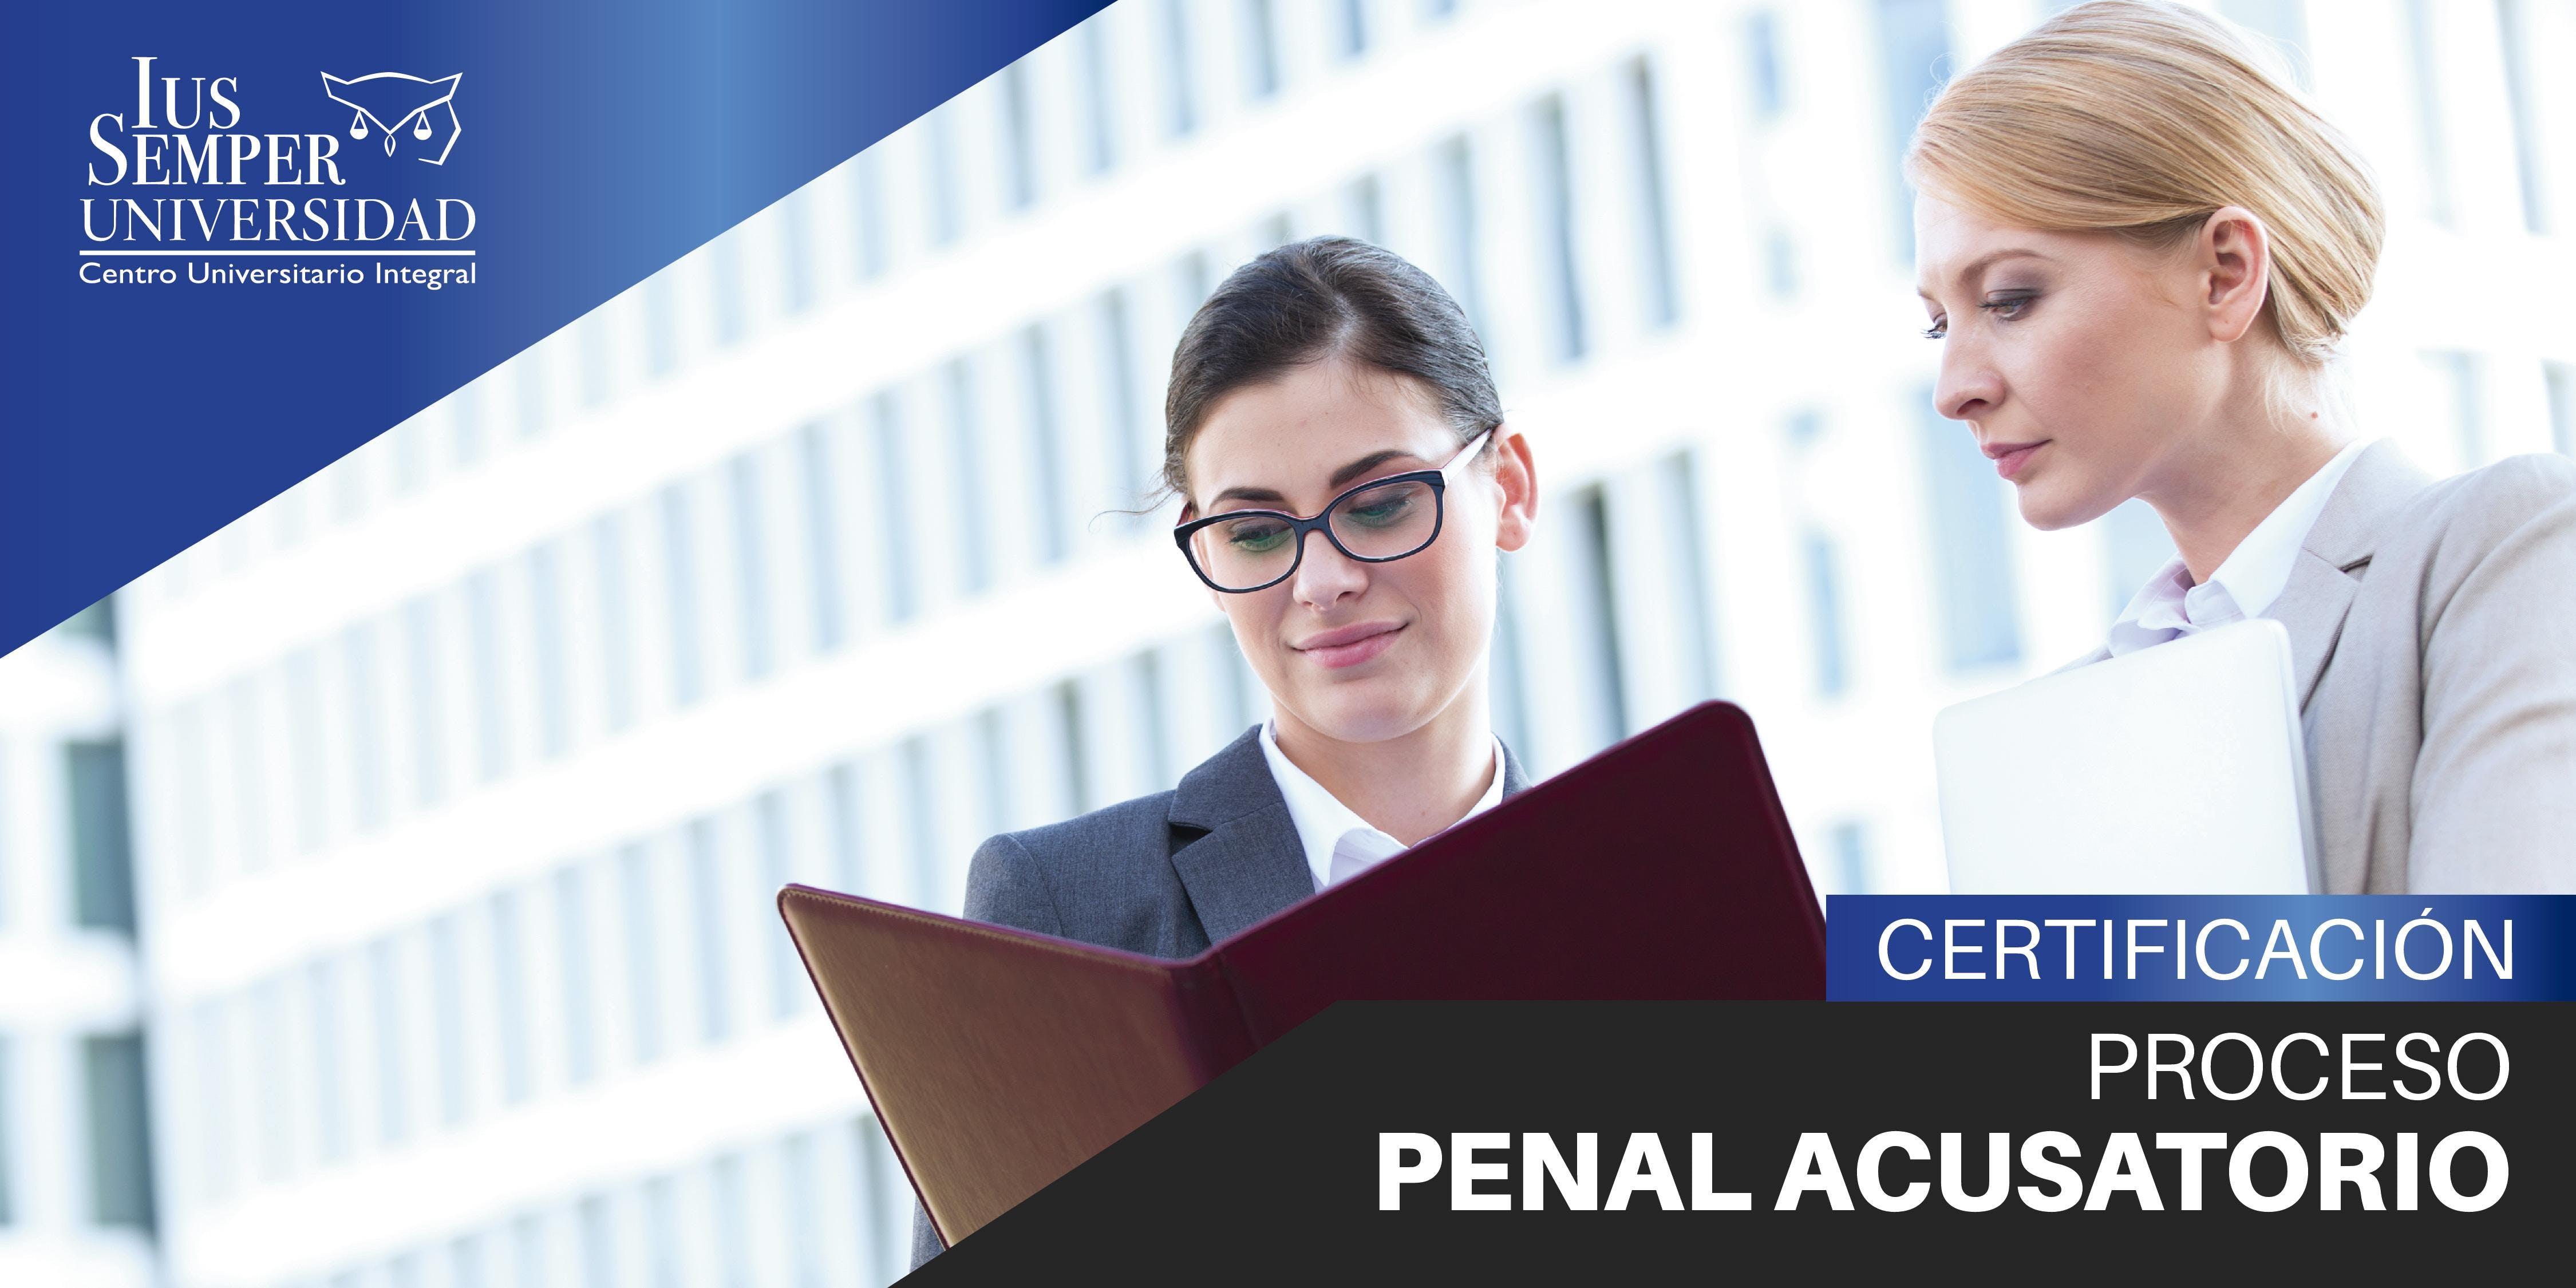 Certificacin Proceso Penal Acusatorio